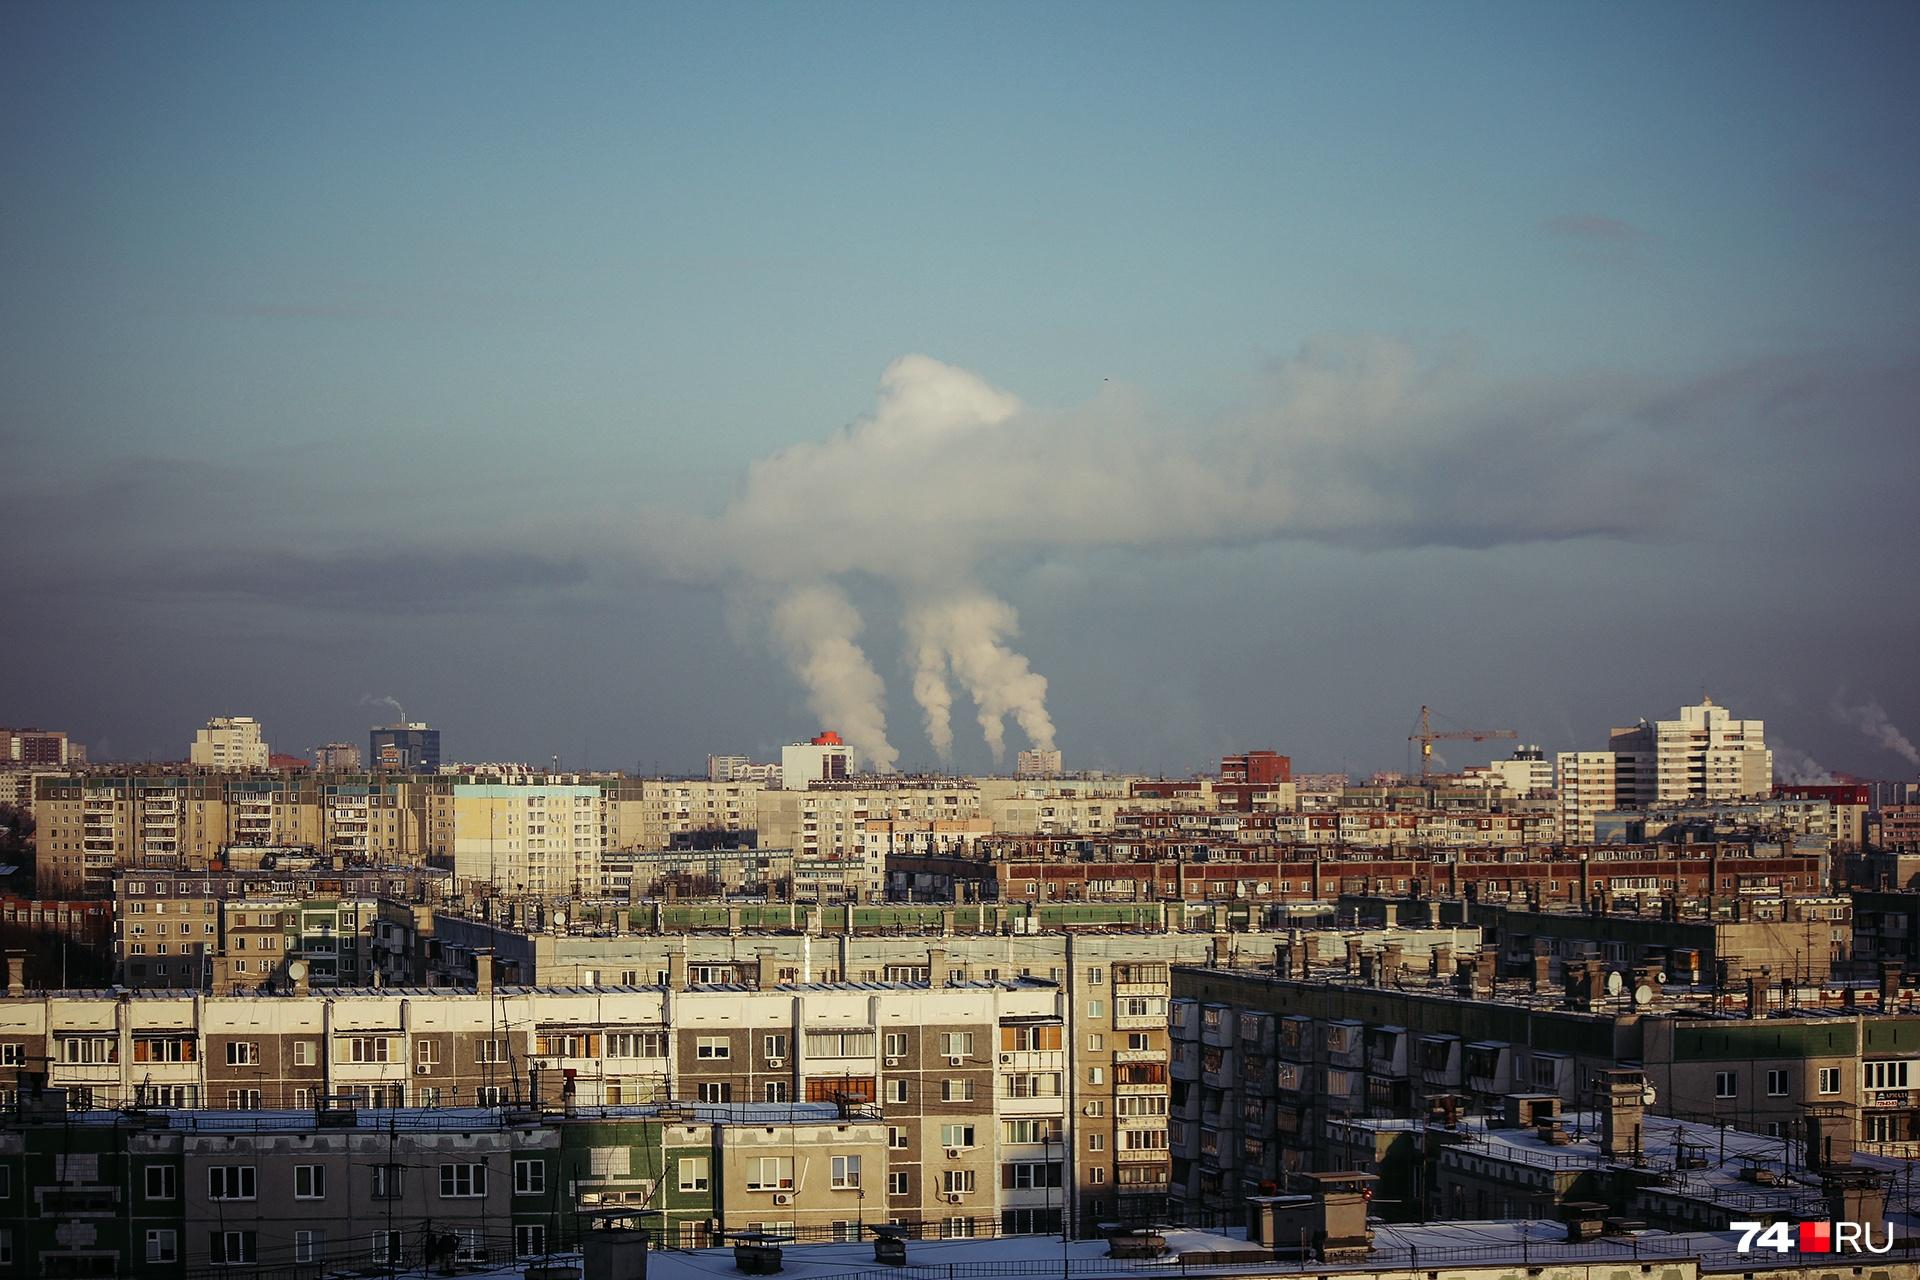 Суровый Челябинск и сосед его Магнитогорск будут загрязнять воздух строго по графику